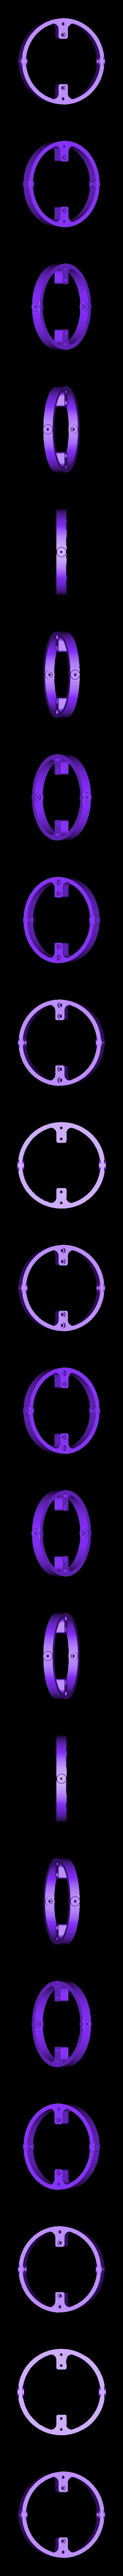 Cerceau Center.stl Télécharger fichier STL Gyro Winder / Watch Winder / Remontoir Montre • Objet pour impression 3D, NedalLive